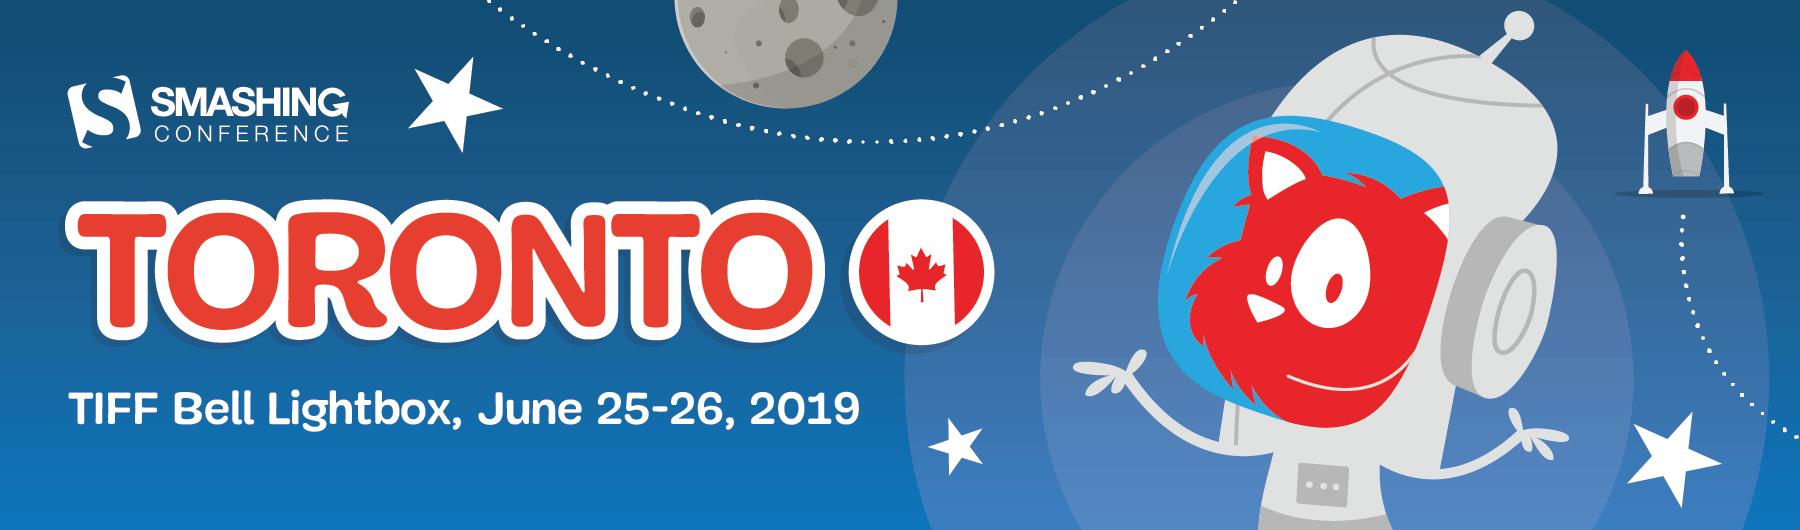 SmashingConf Toronto 2019